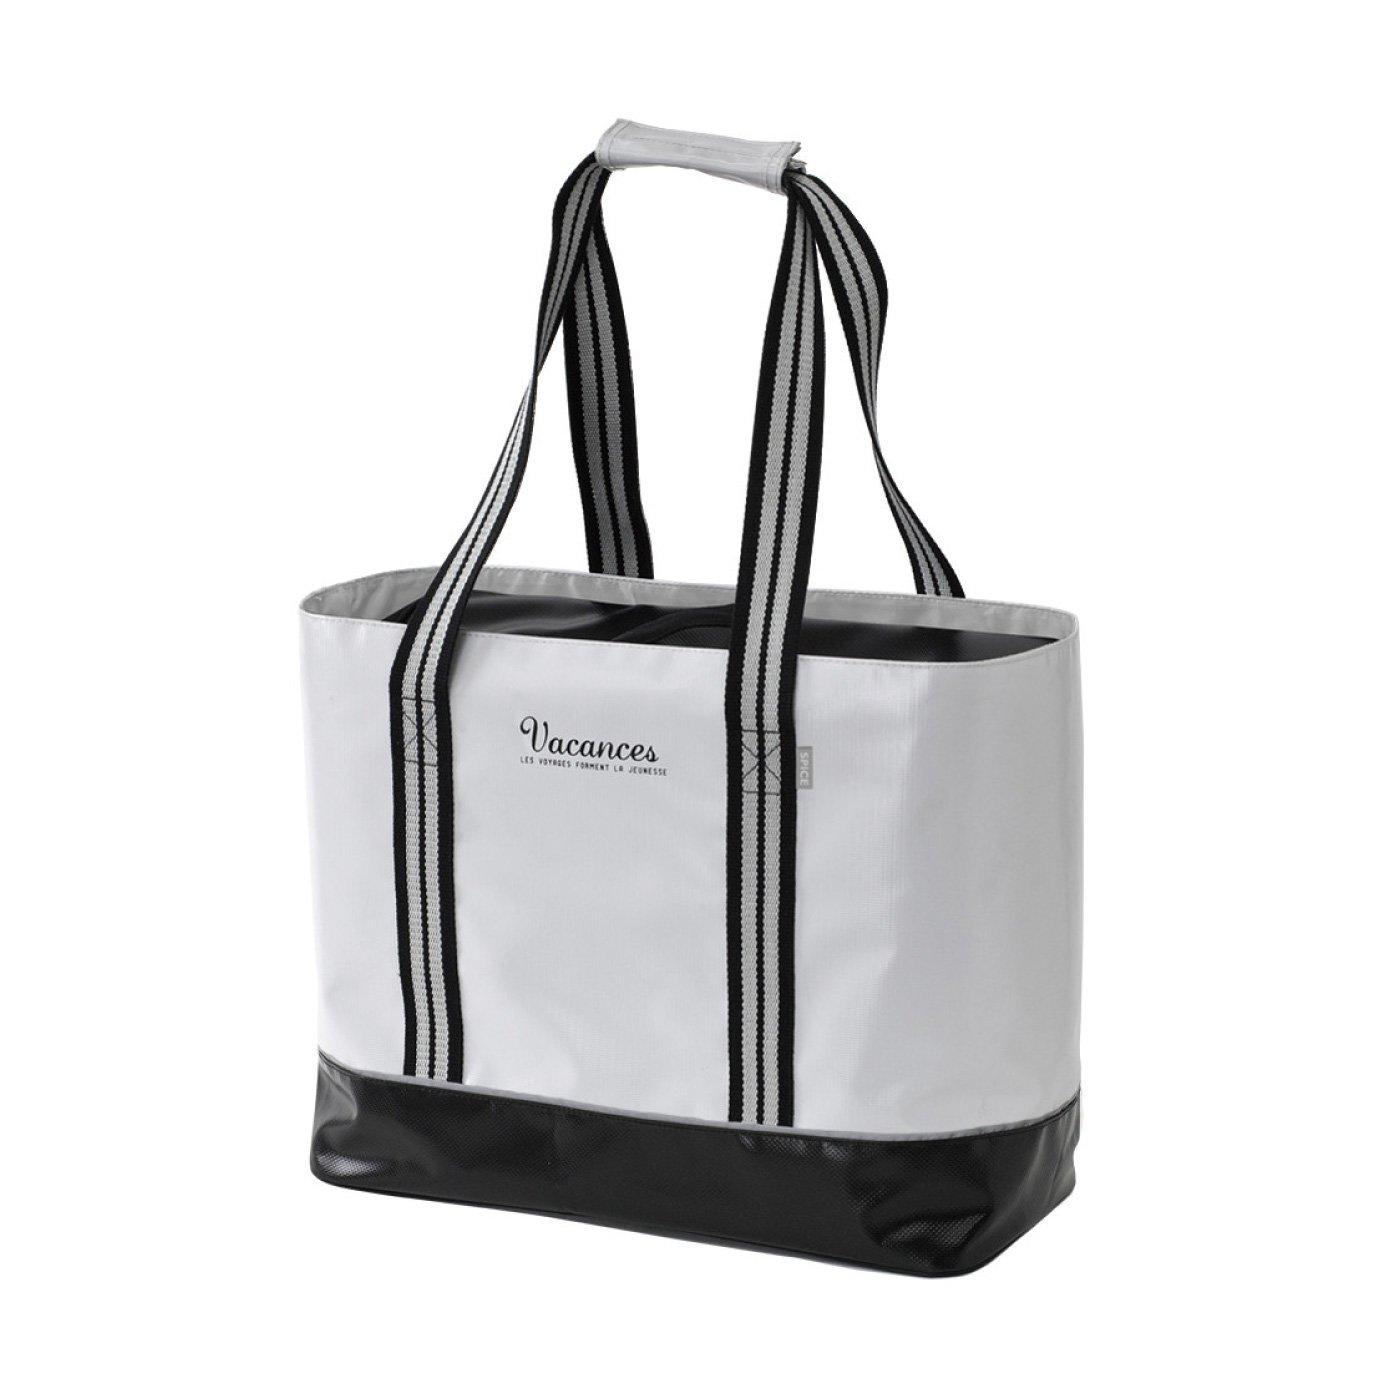 荷物が増えたらバッグを2つに バカンス バッグインクーラー